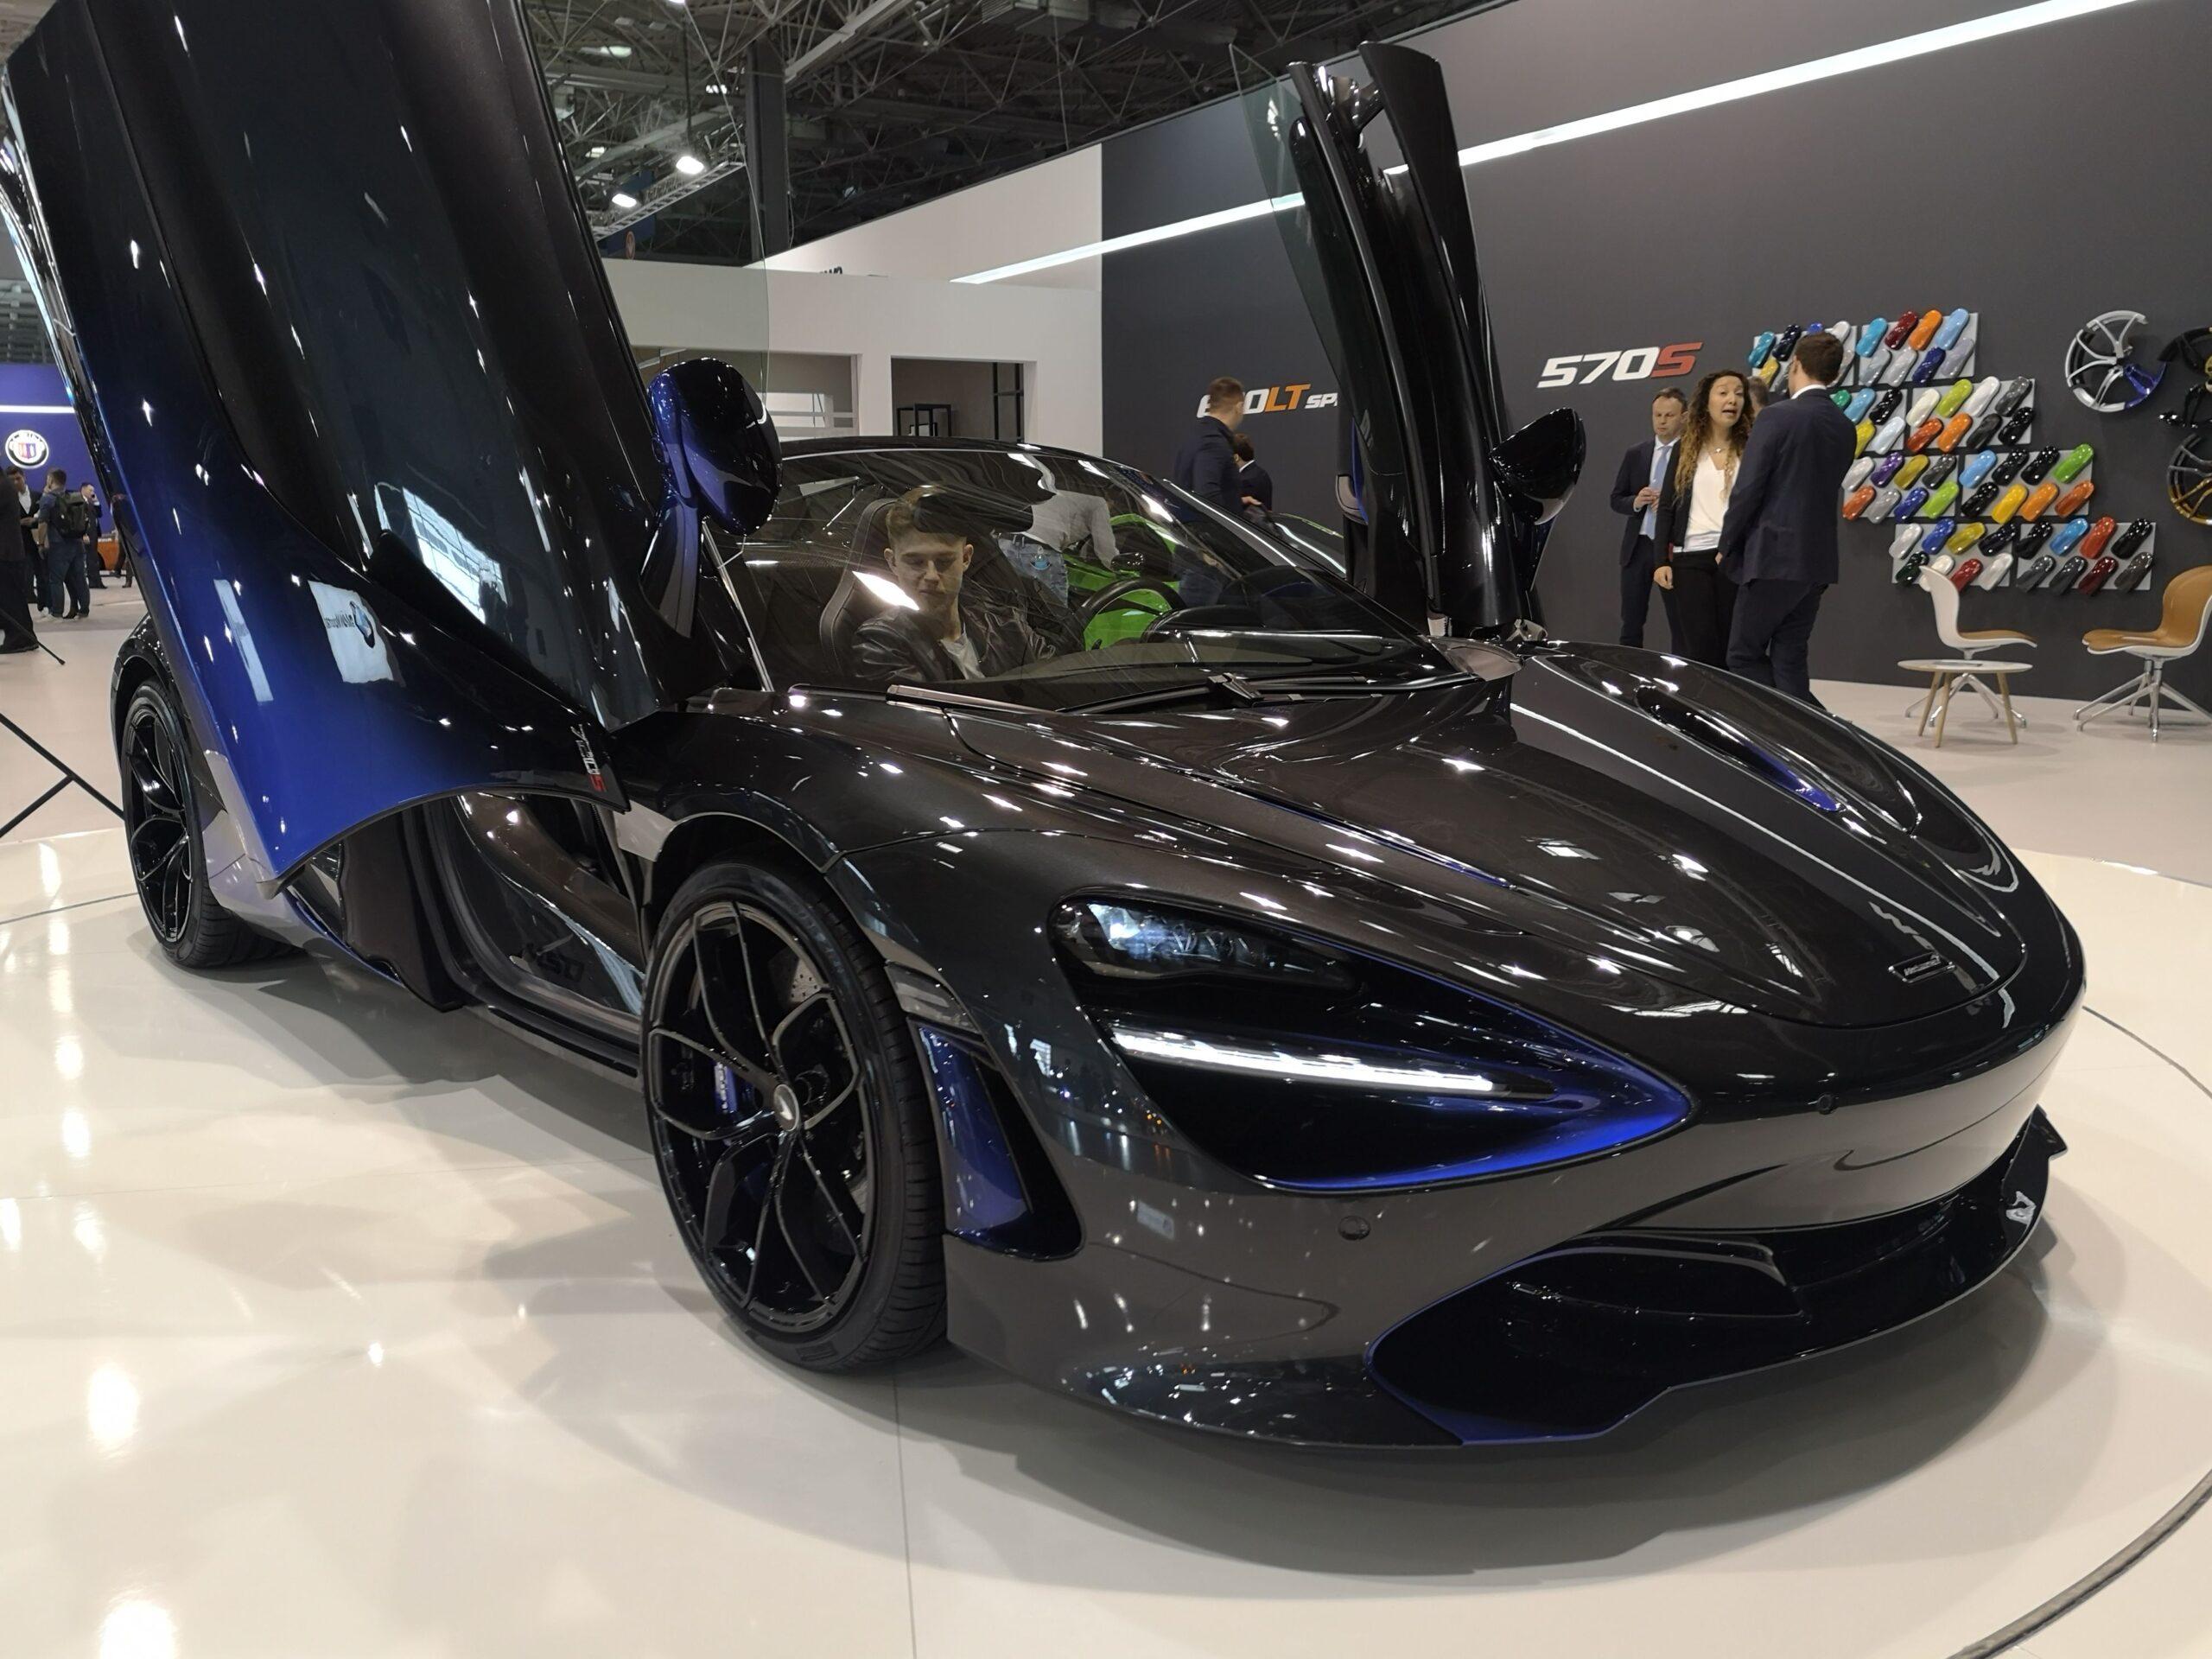 Nowocześnie, ekologicznie, sportowo i klasycznie – rozpoczęły się Targi Motor Show Poznań 2019